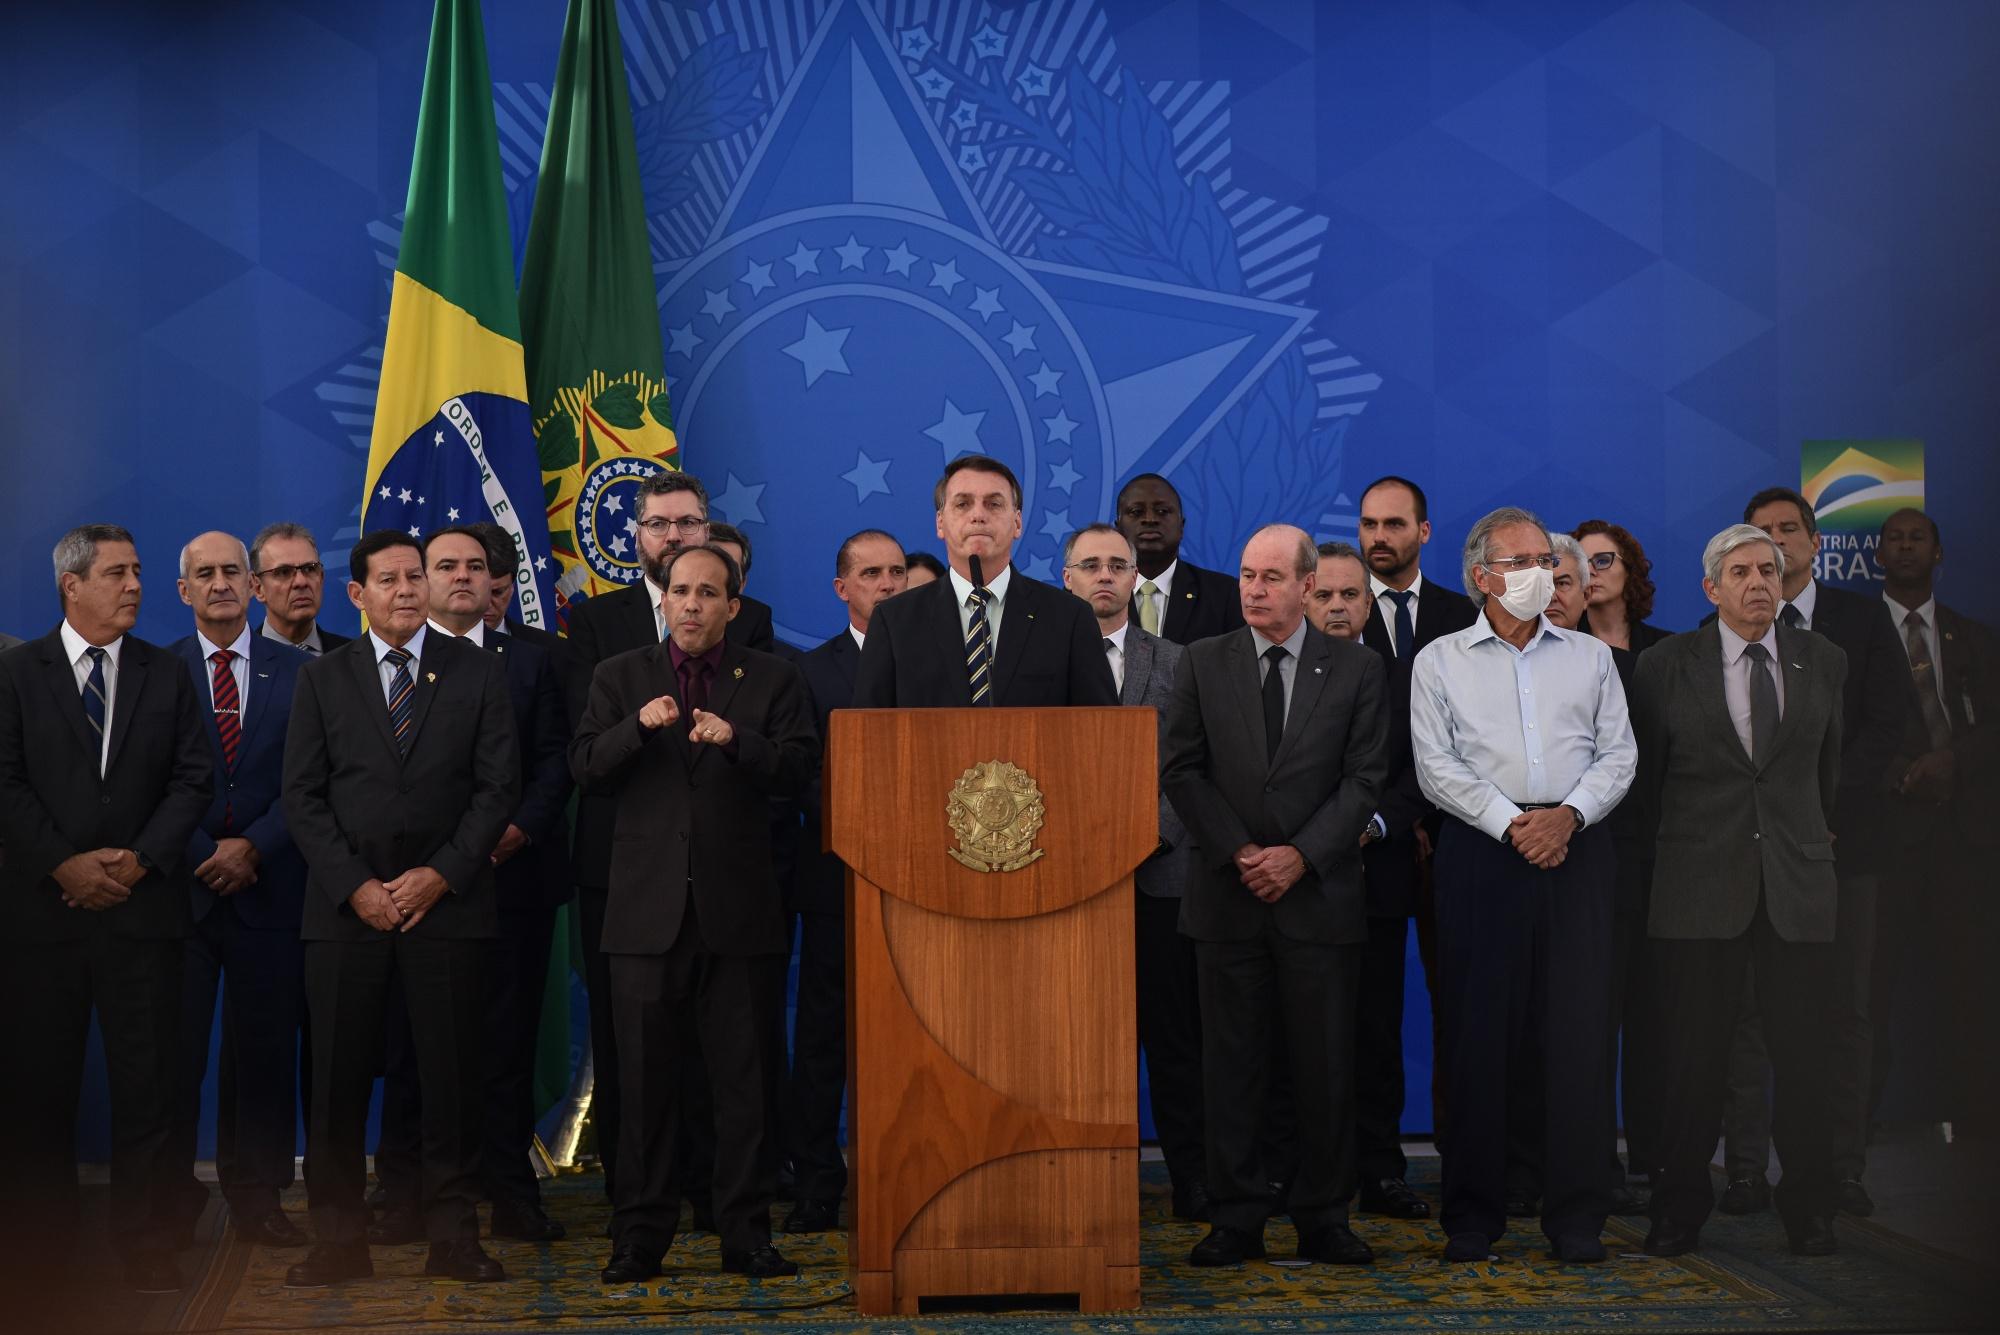 Presiden Bolsonaro berbicara selama konferensi pers di Brasilia, Brasil, pada 24 April.